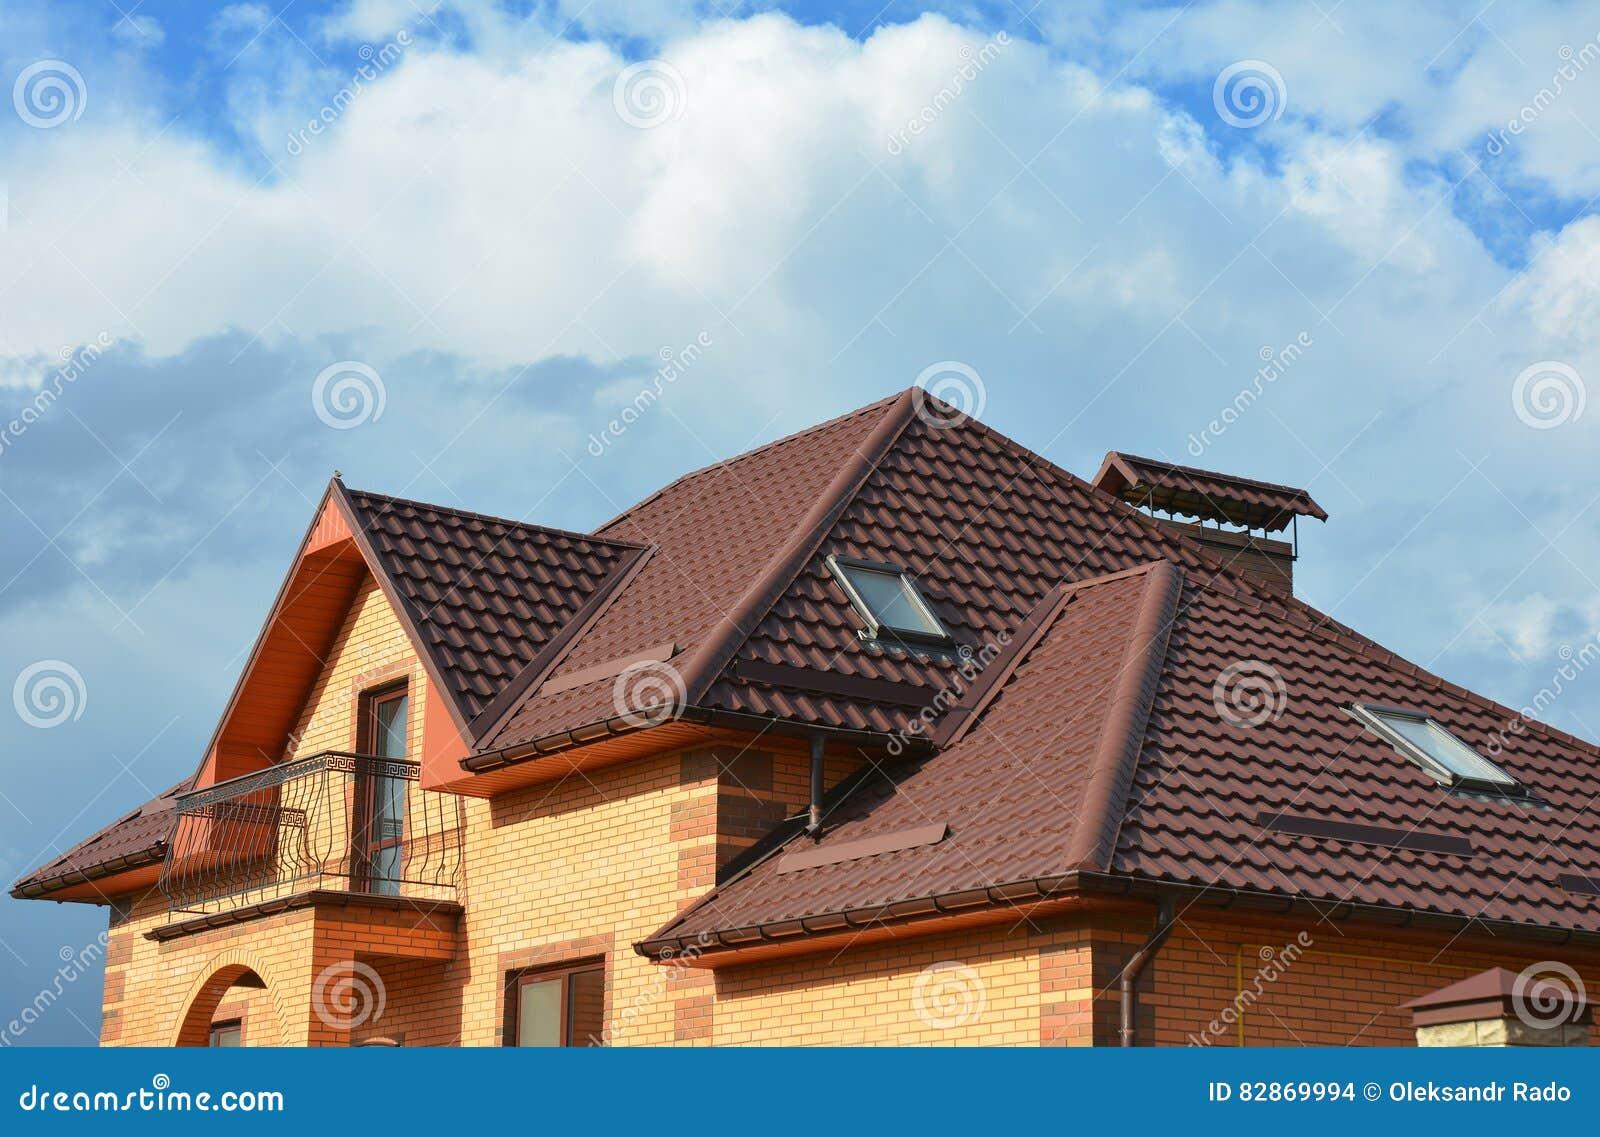 Deckungsbau Mit Dachbodenoberlichtern, Regengossensystem ...